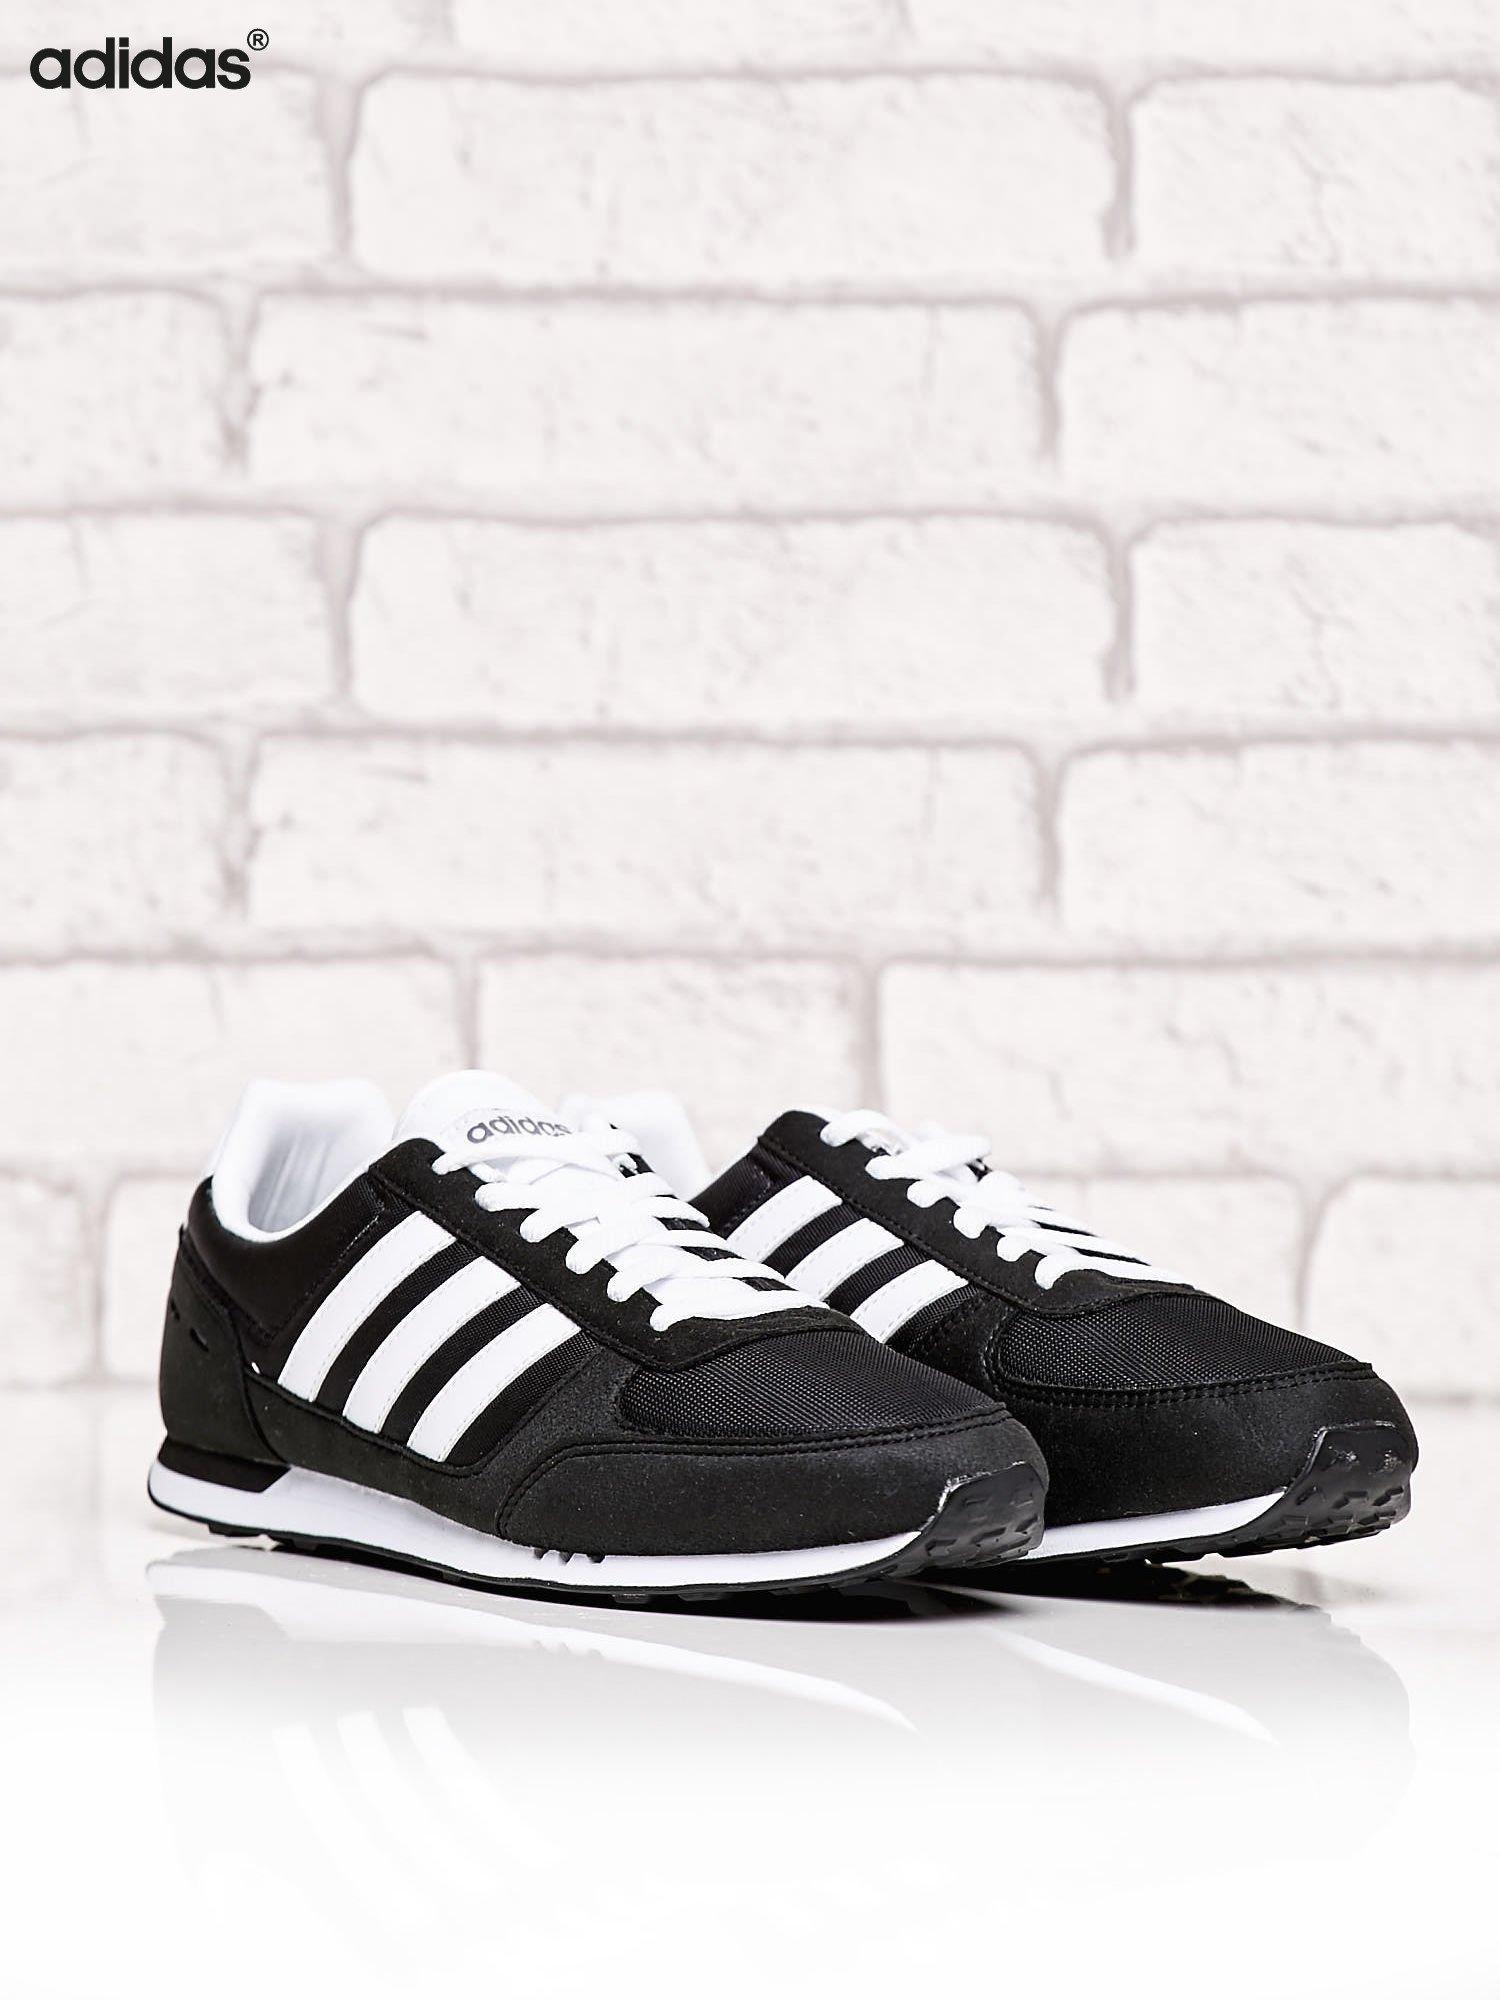 b6a78f2c88d46 1  ADIDAS czarne buty męskie Neo City Racer o aerodynamicznym kształcie ...